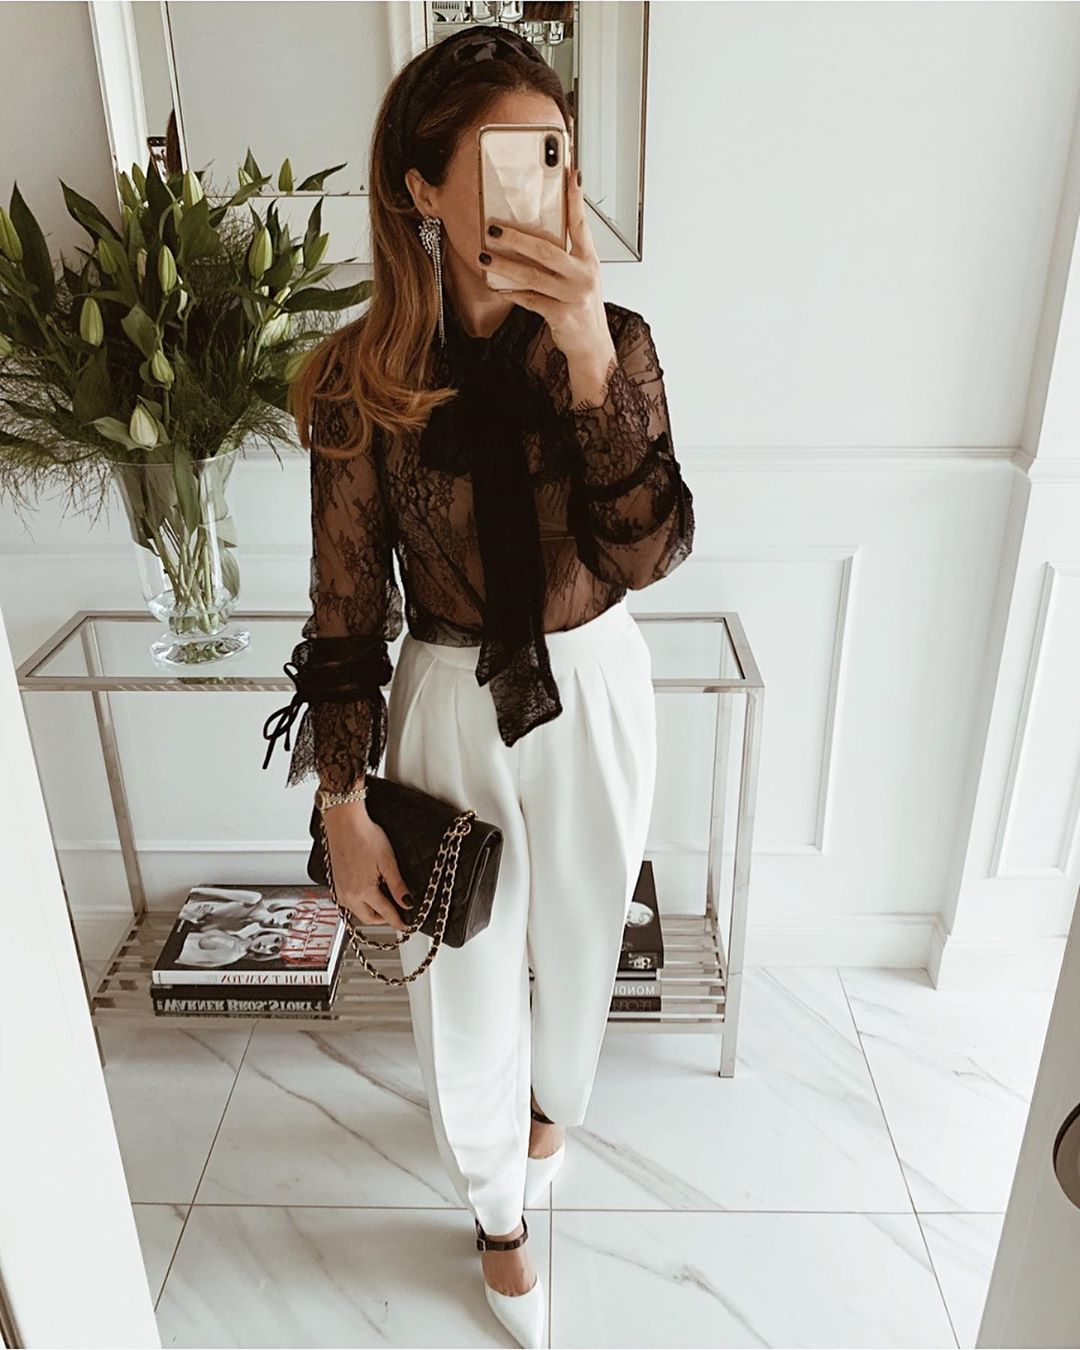 Модни Блузи за Есен 2020: Модели, които ще ви Помогнат да Изглеждате Перфектно